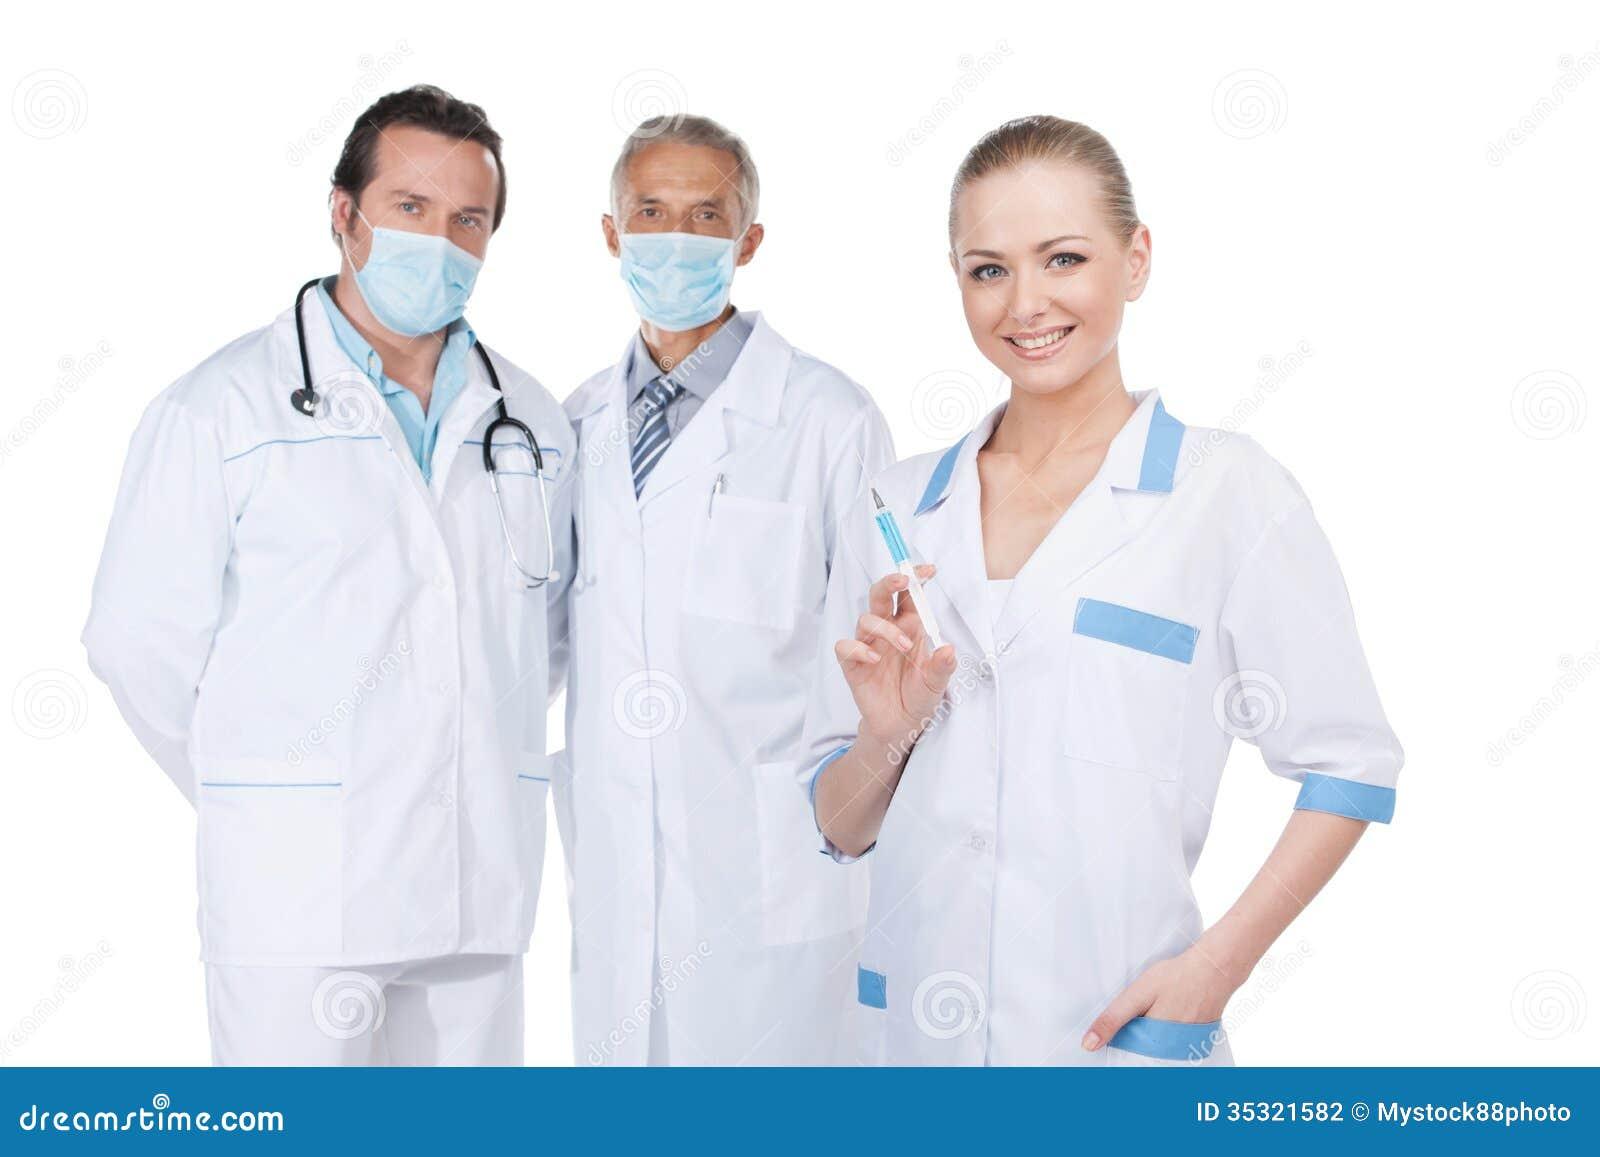 Uśmiechnięta piękna pielęgniarka na przedpolu z strzykawką.